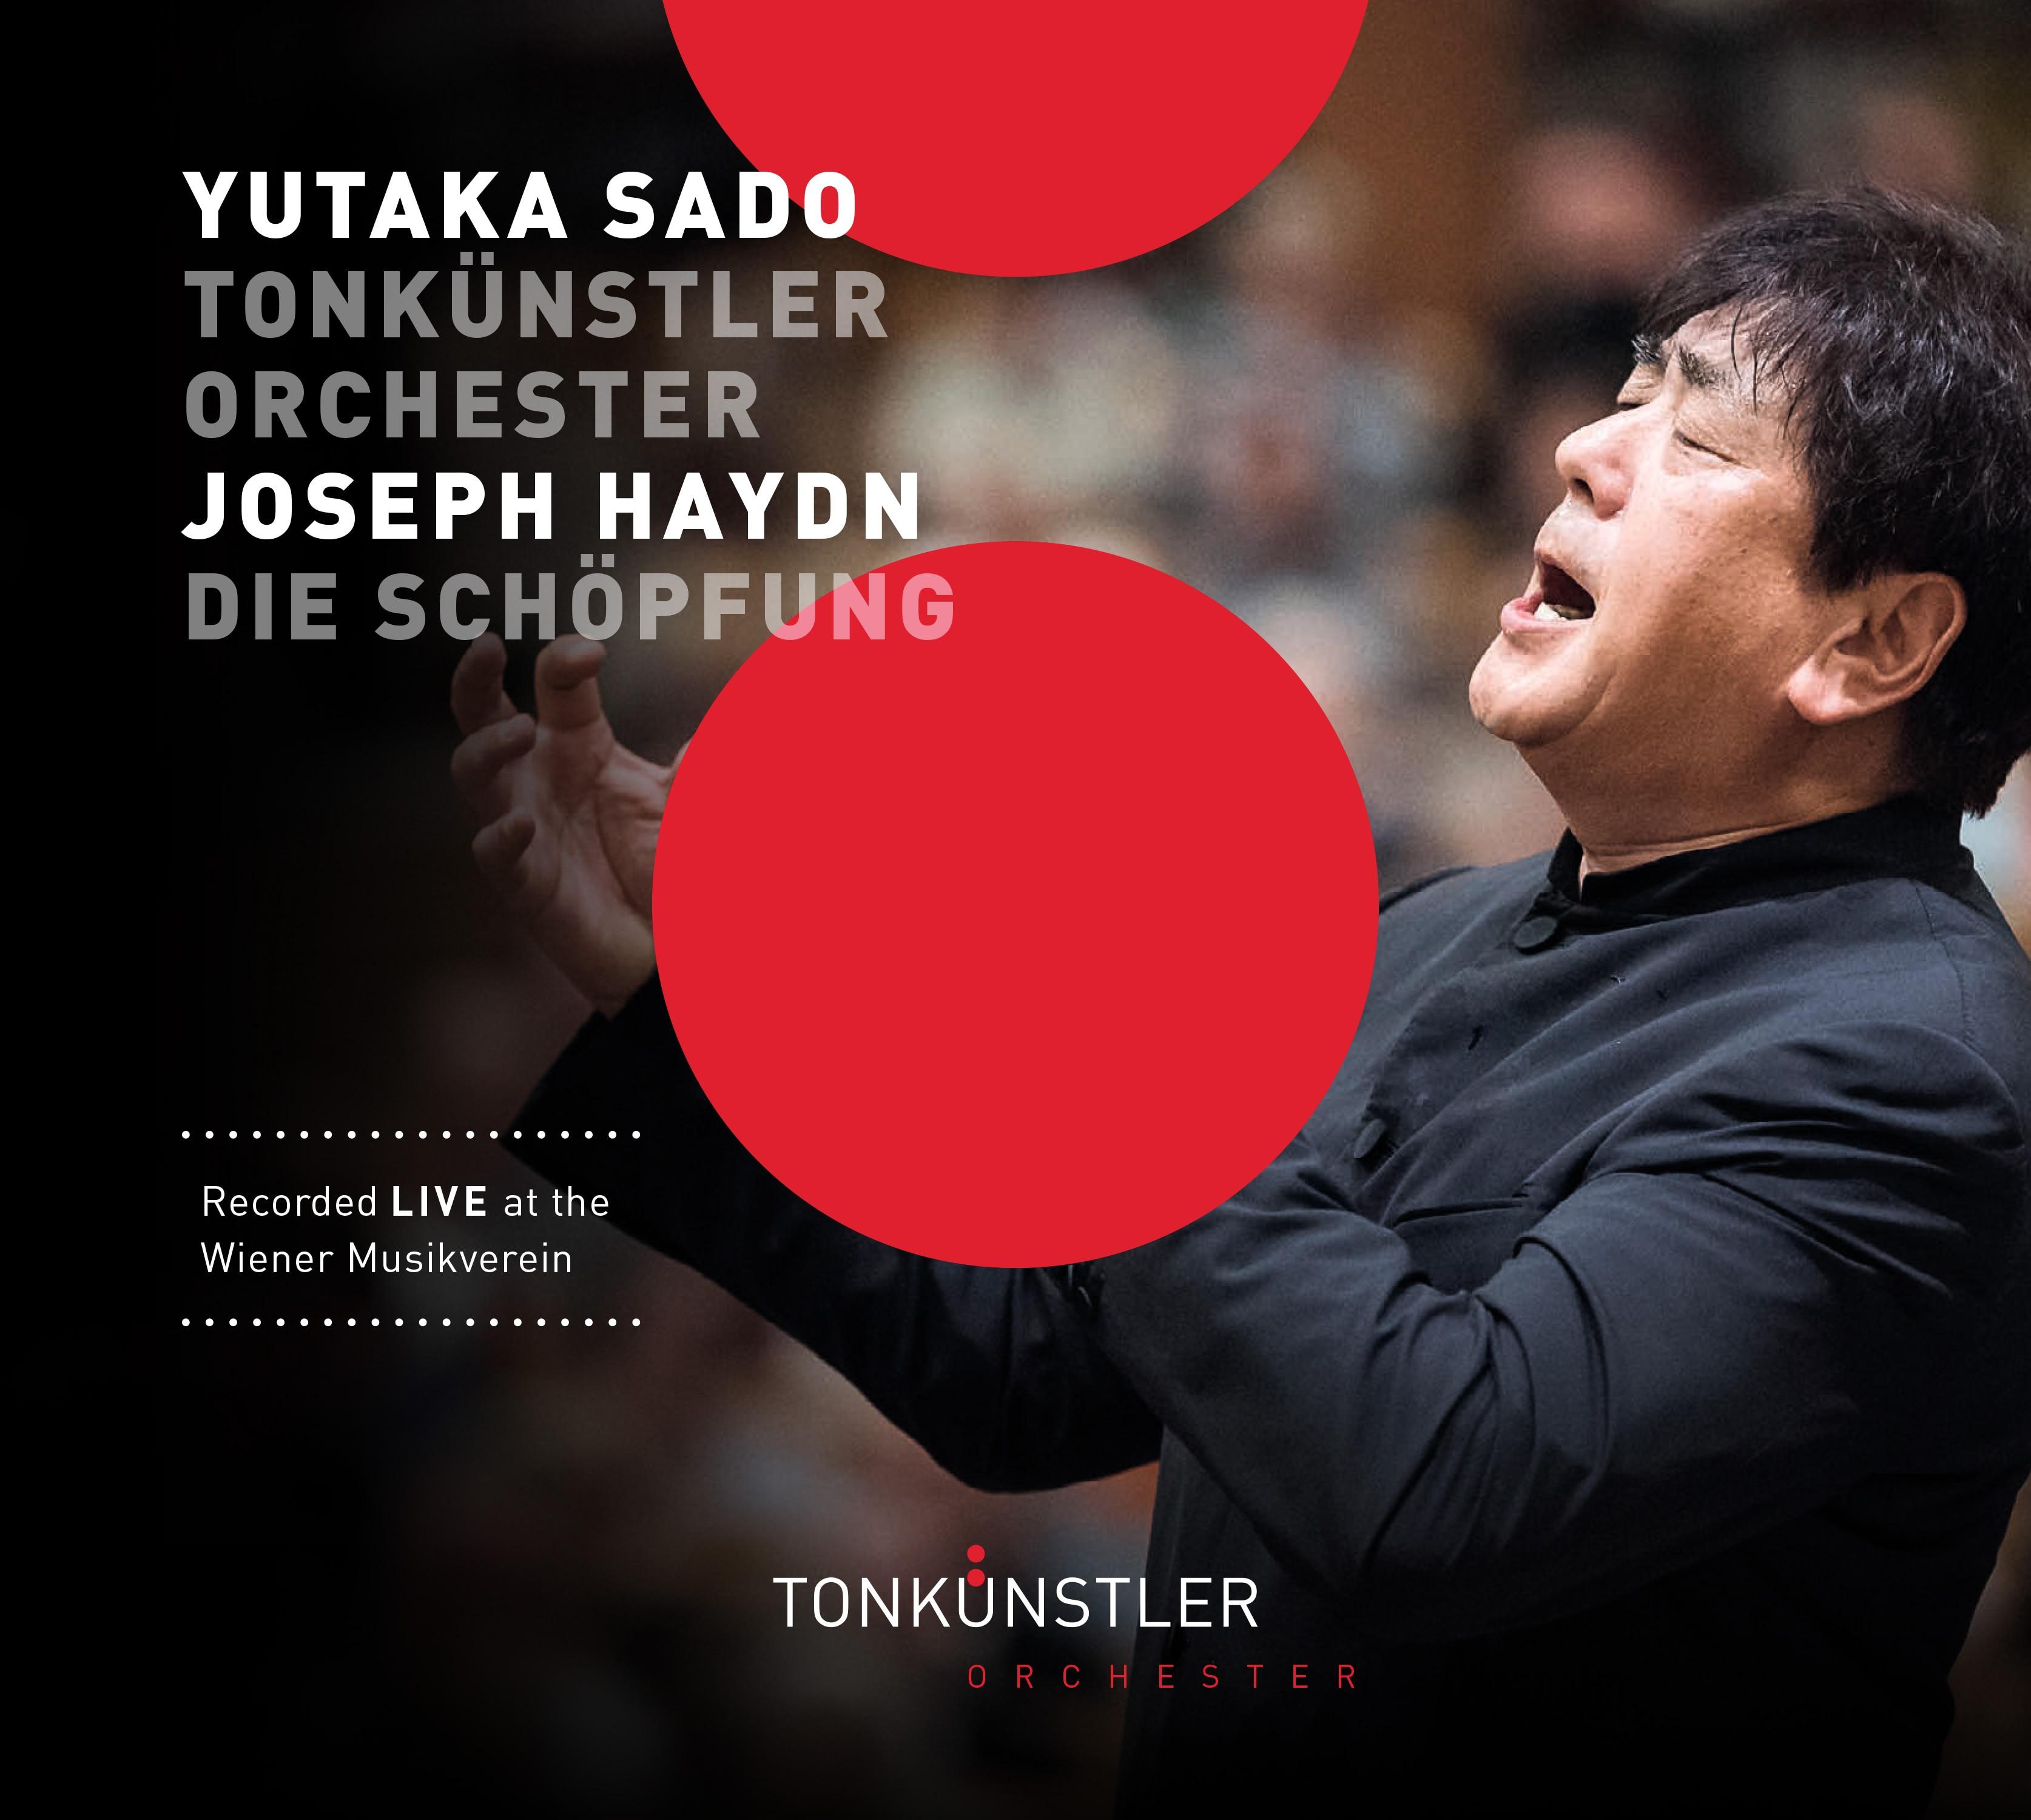 ハイドン:天地創造 / 佐渡裕指揮  トーンキュンストラー管弦楽団